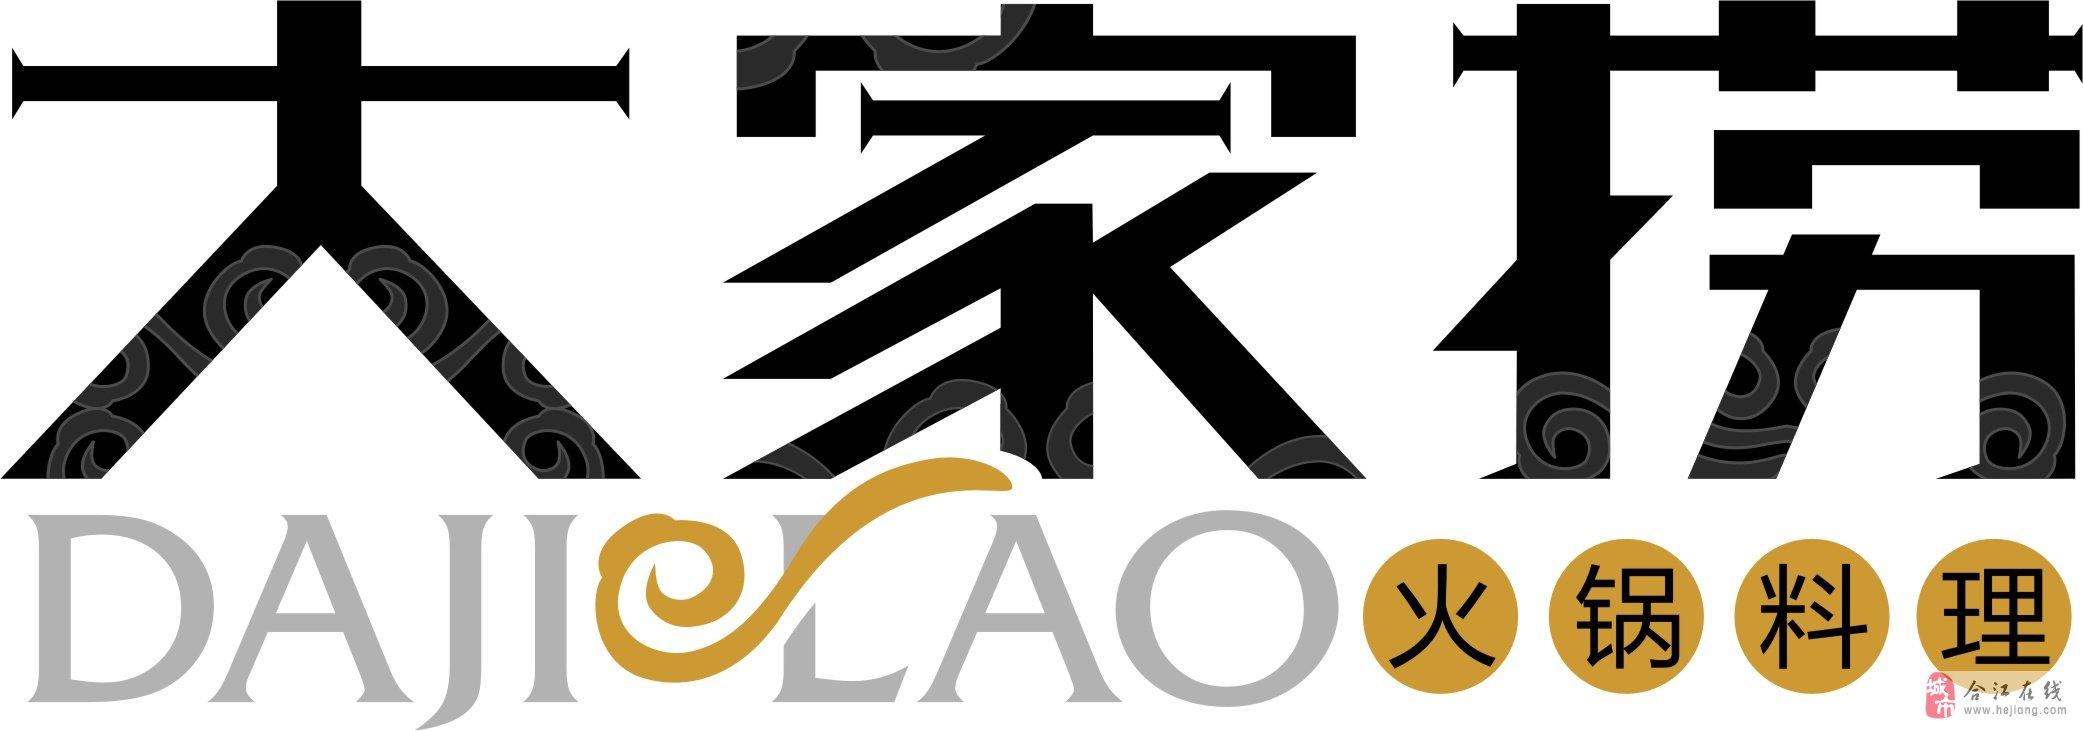 logo 标识 标志 设计 矢量 矢量图 素材 图标 2083_731